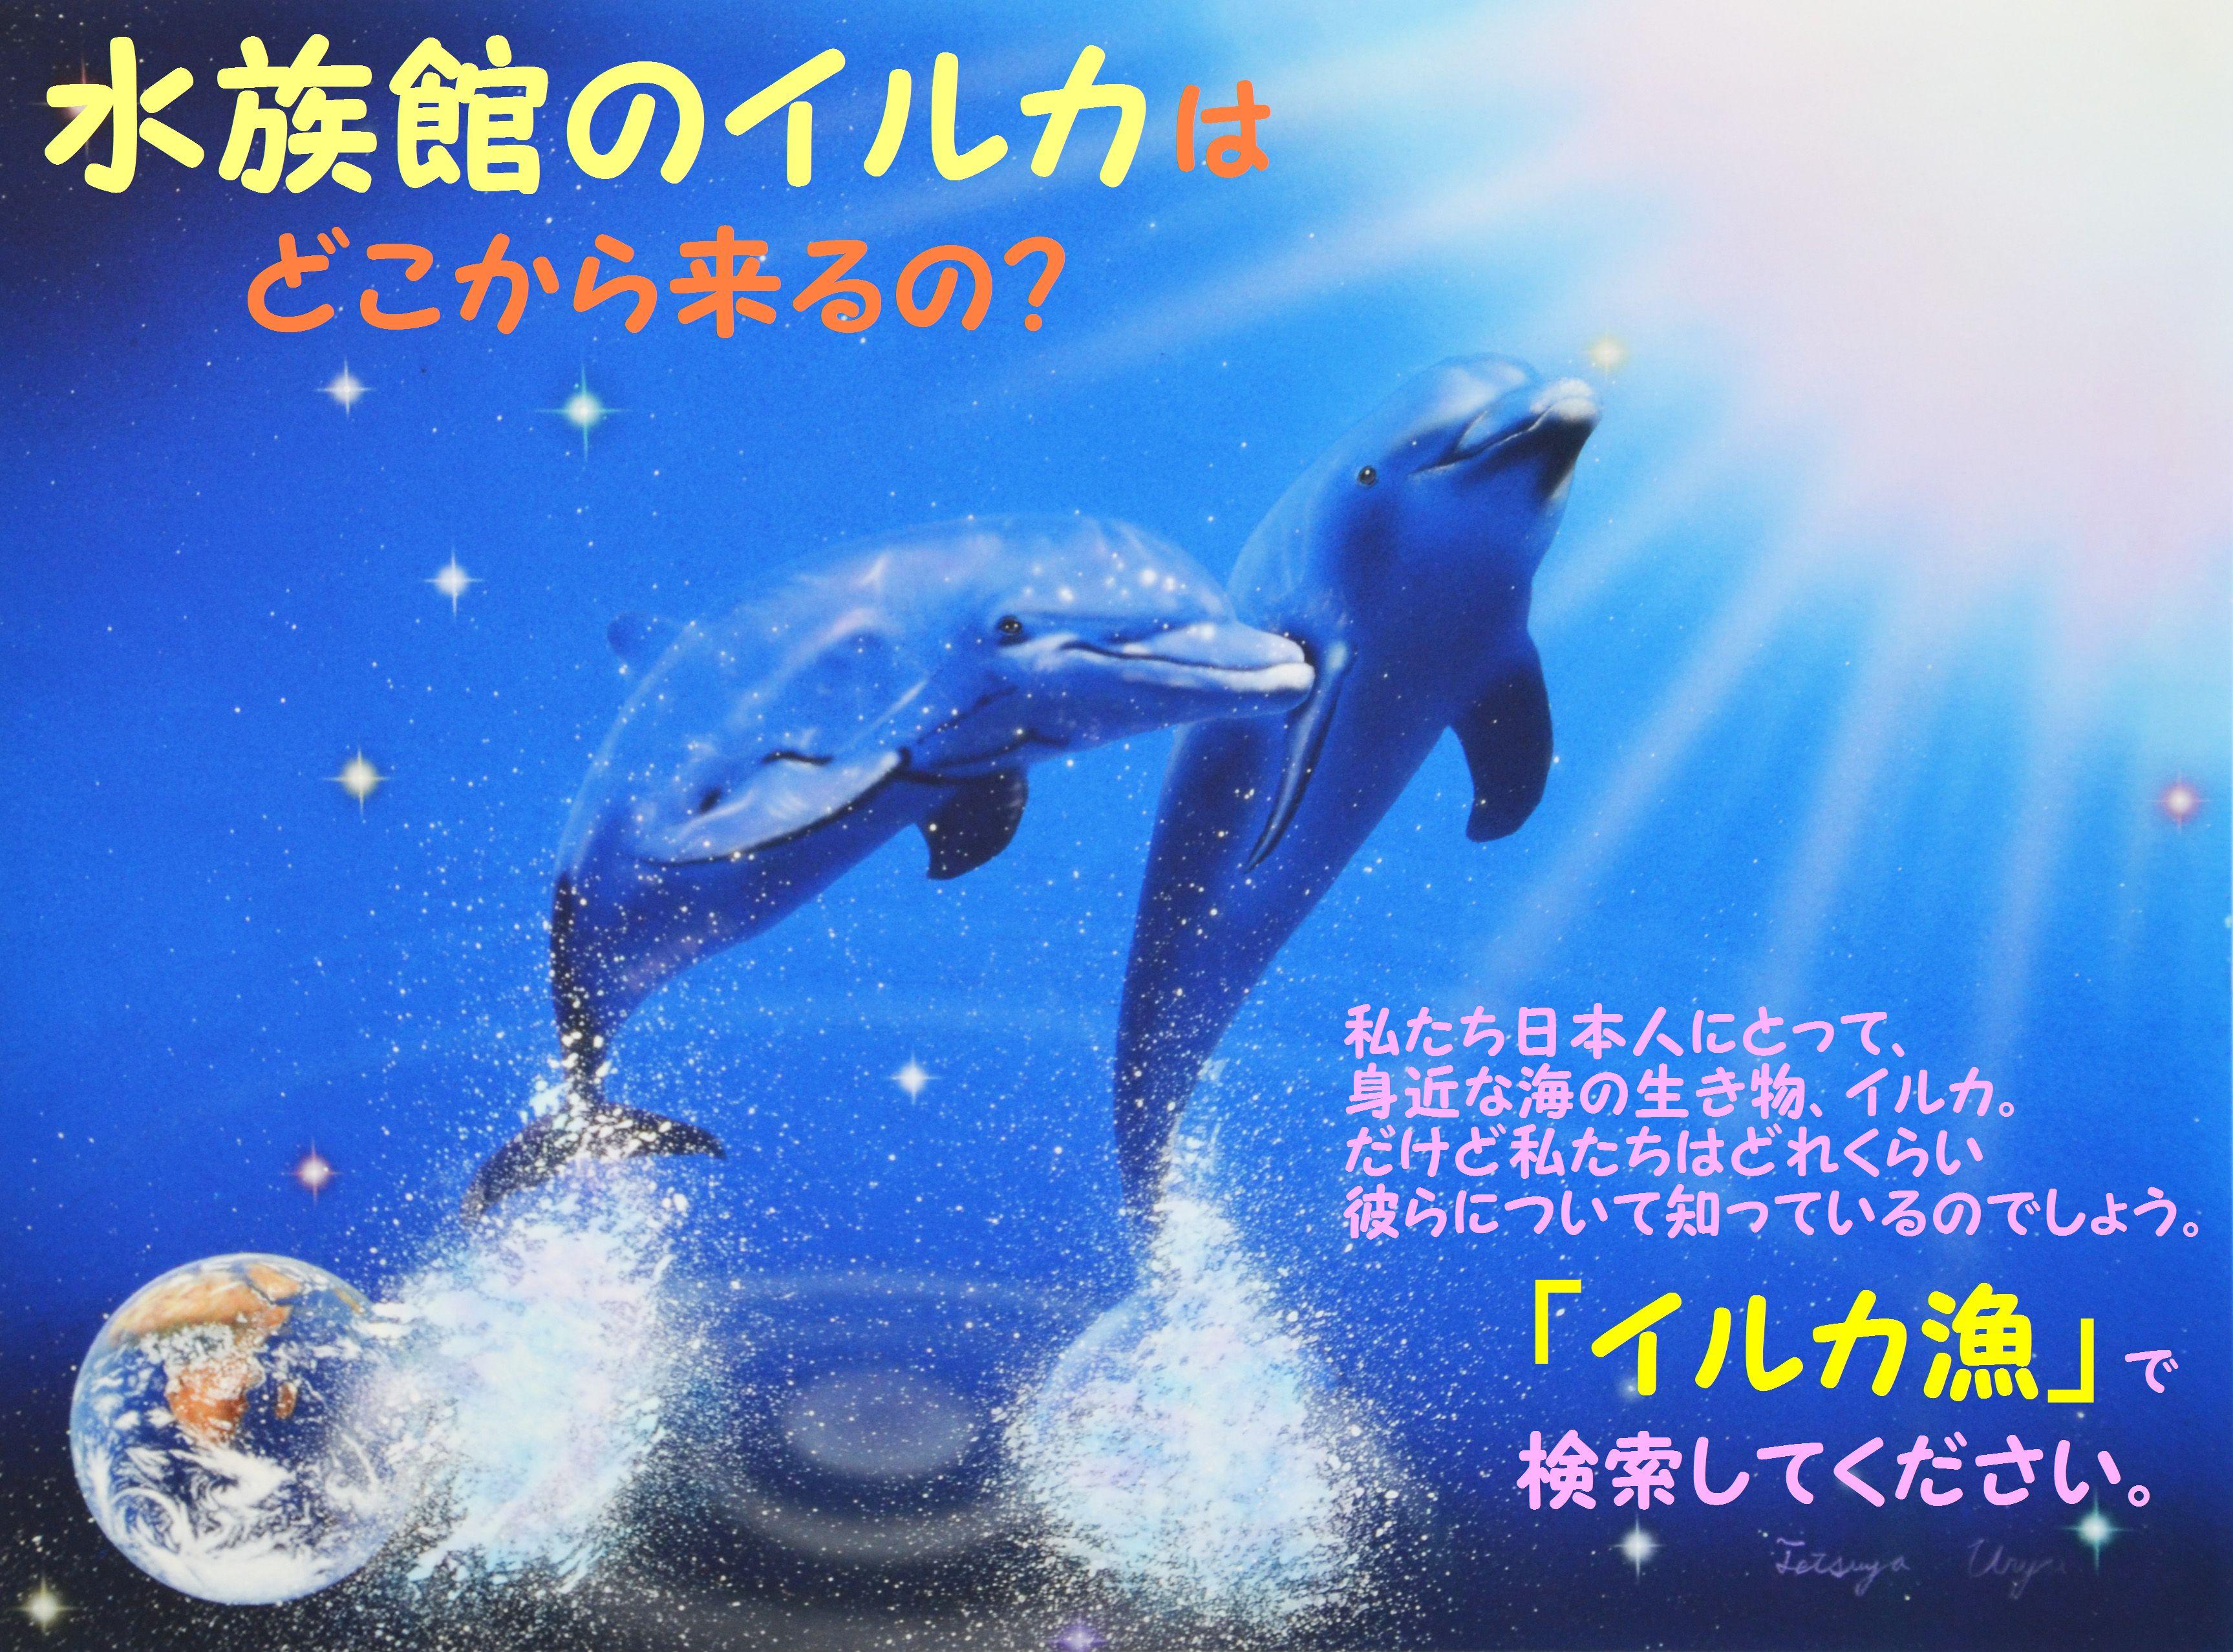 イルカ漁ポスター2